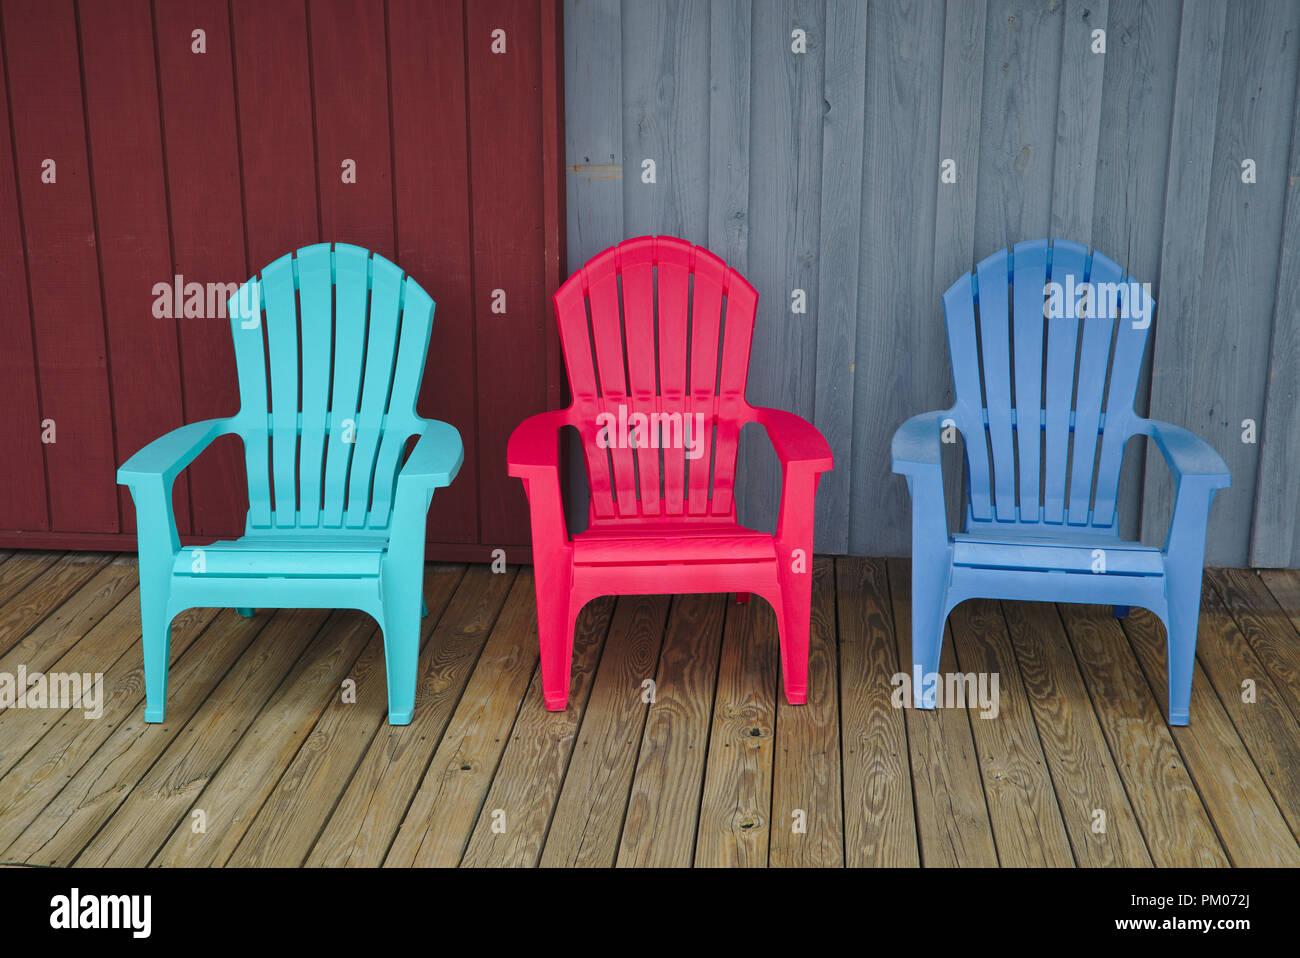 Plastic Deck Chairs Stockfotos und  bilder Kaufen   Alamy